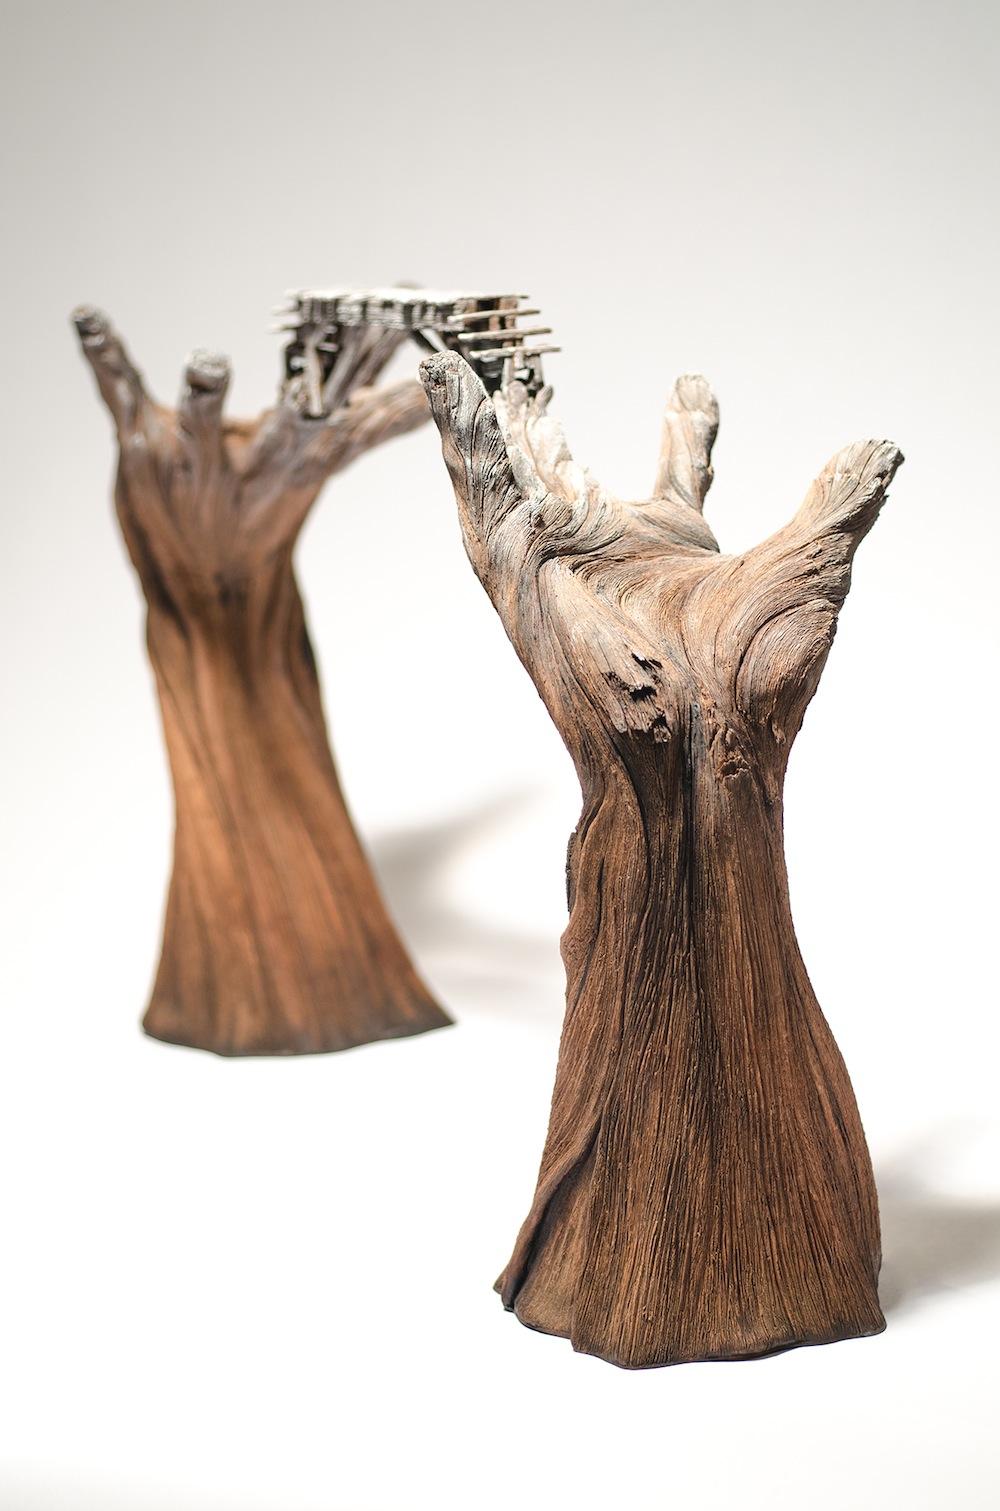 sculture-ceramica-trompe-l-oeil-legno-arte-christopher-david-white-6